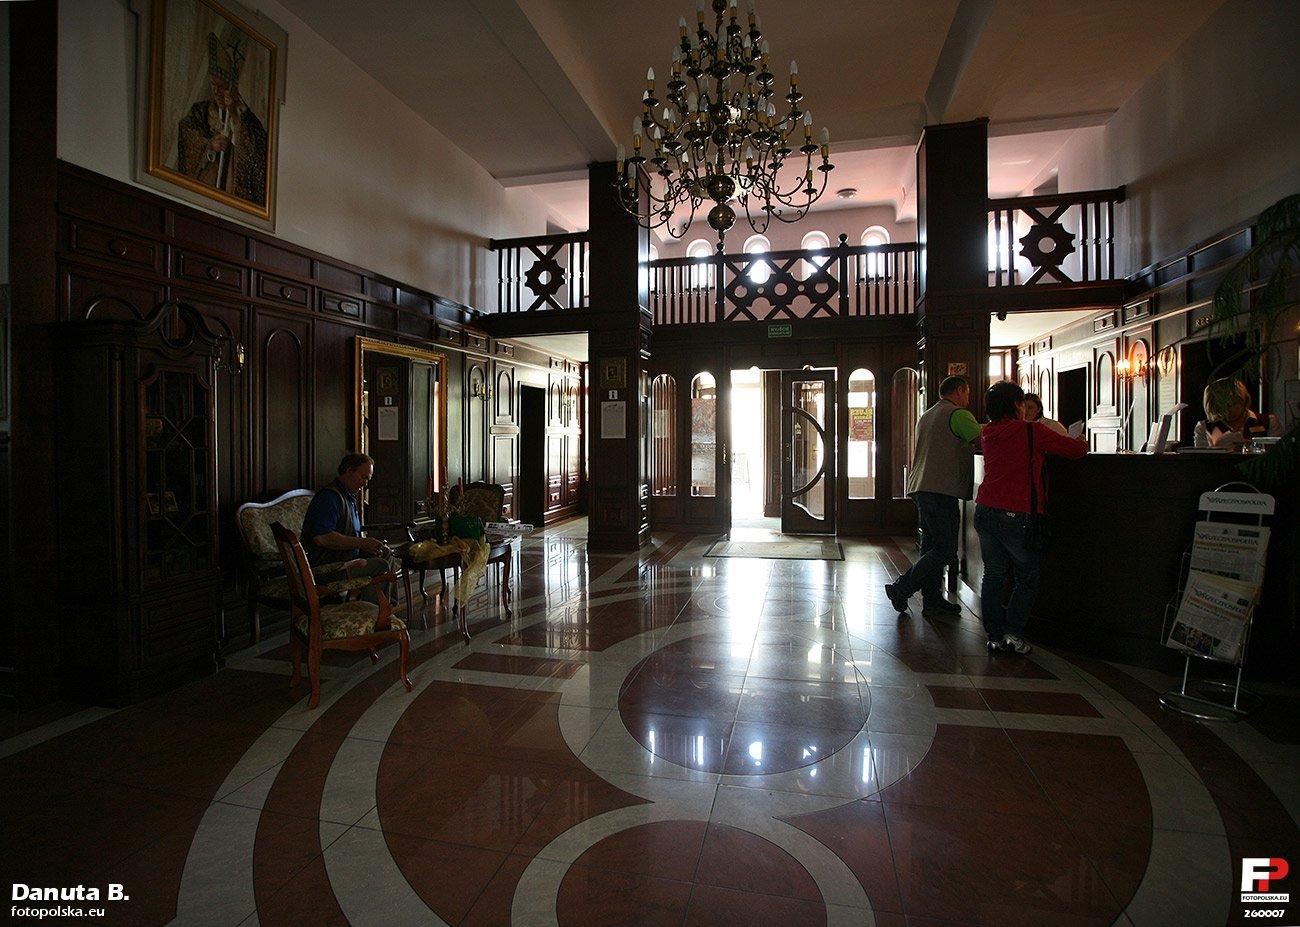 Pałac łazienki Ii łazienki Nr 2 Skarbowe Hotel Pałac